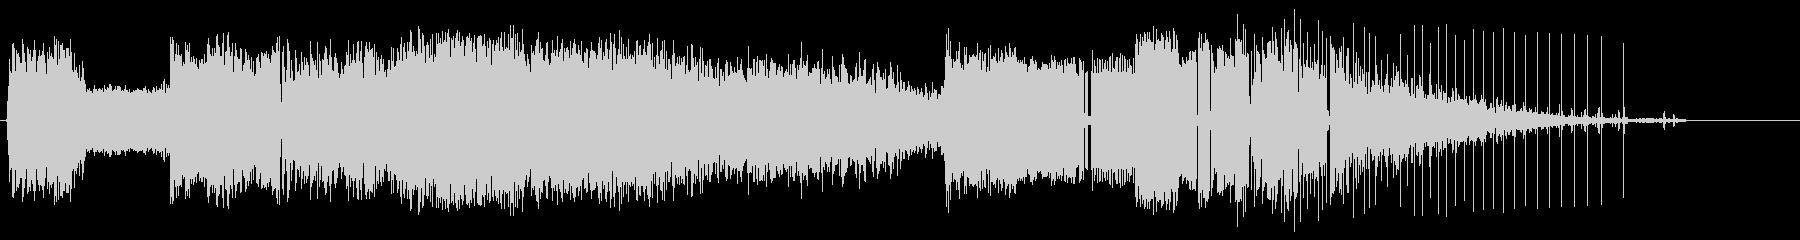 ホワイリーギグの未再生の波形